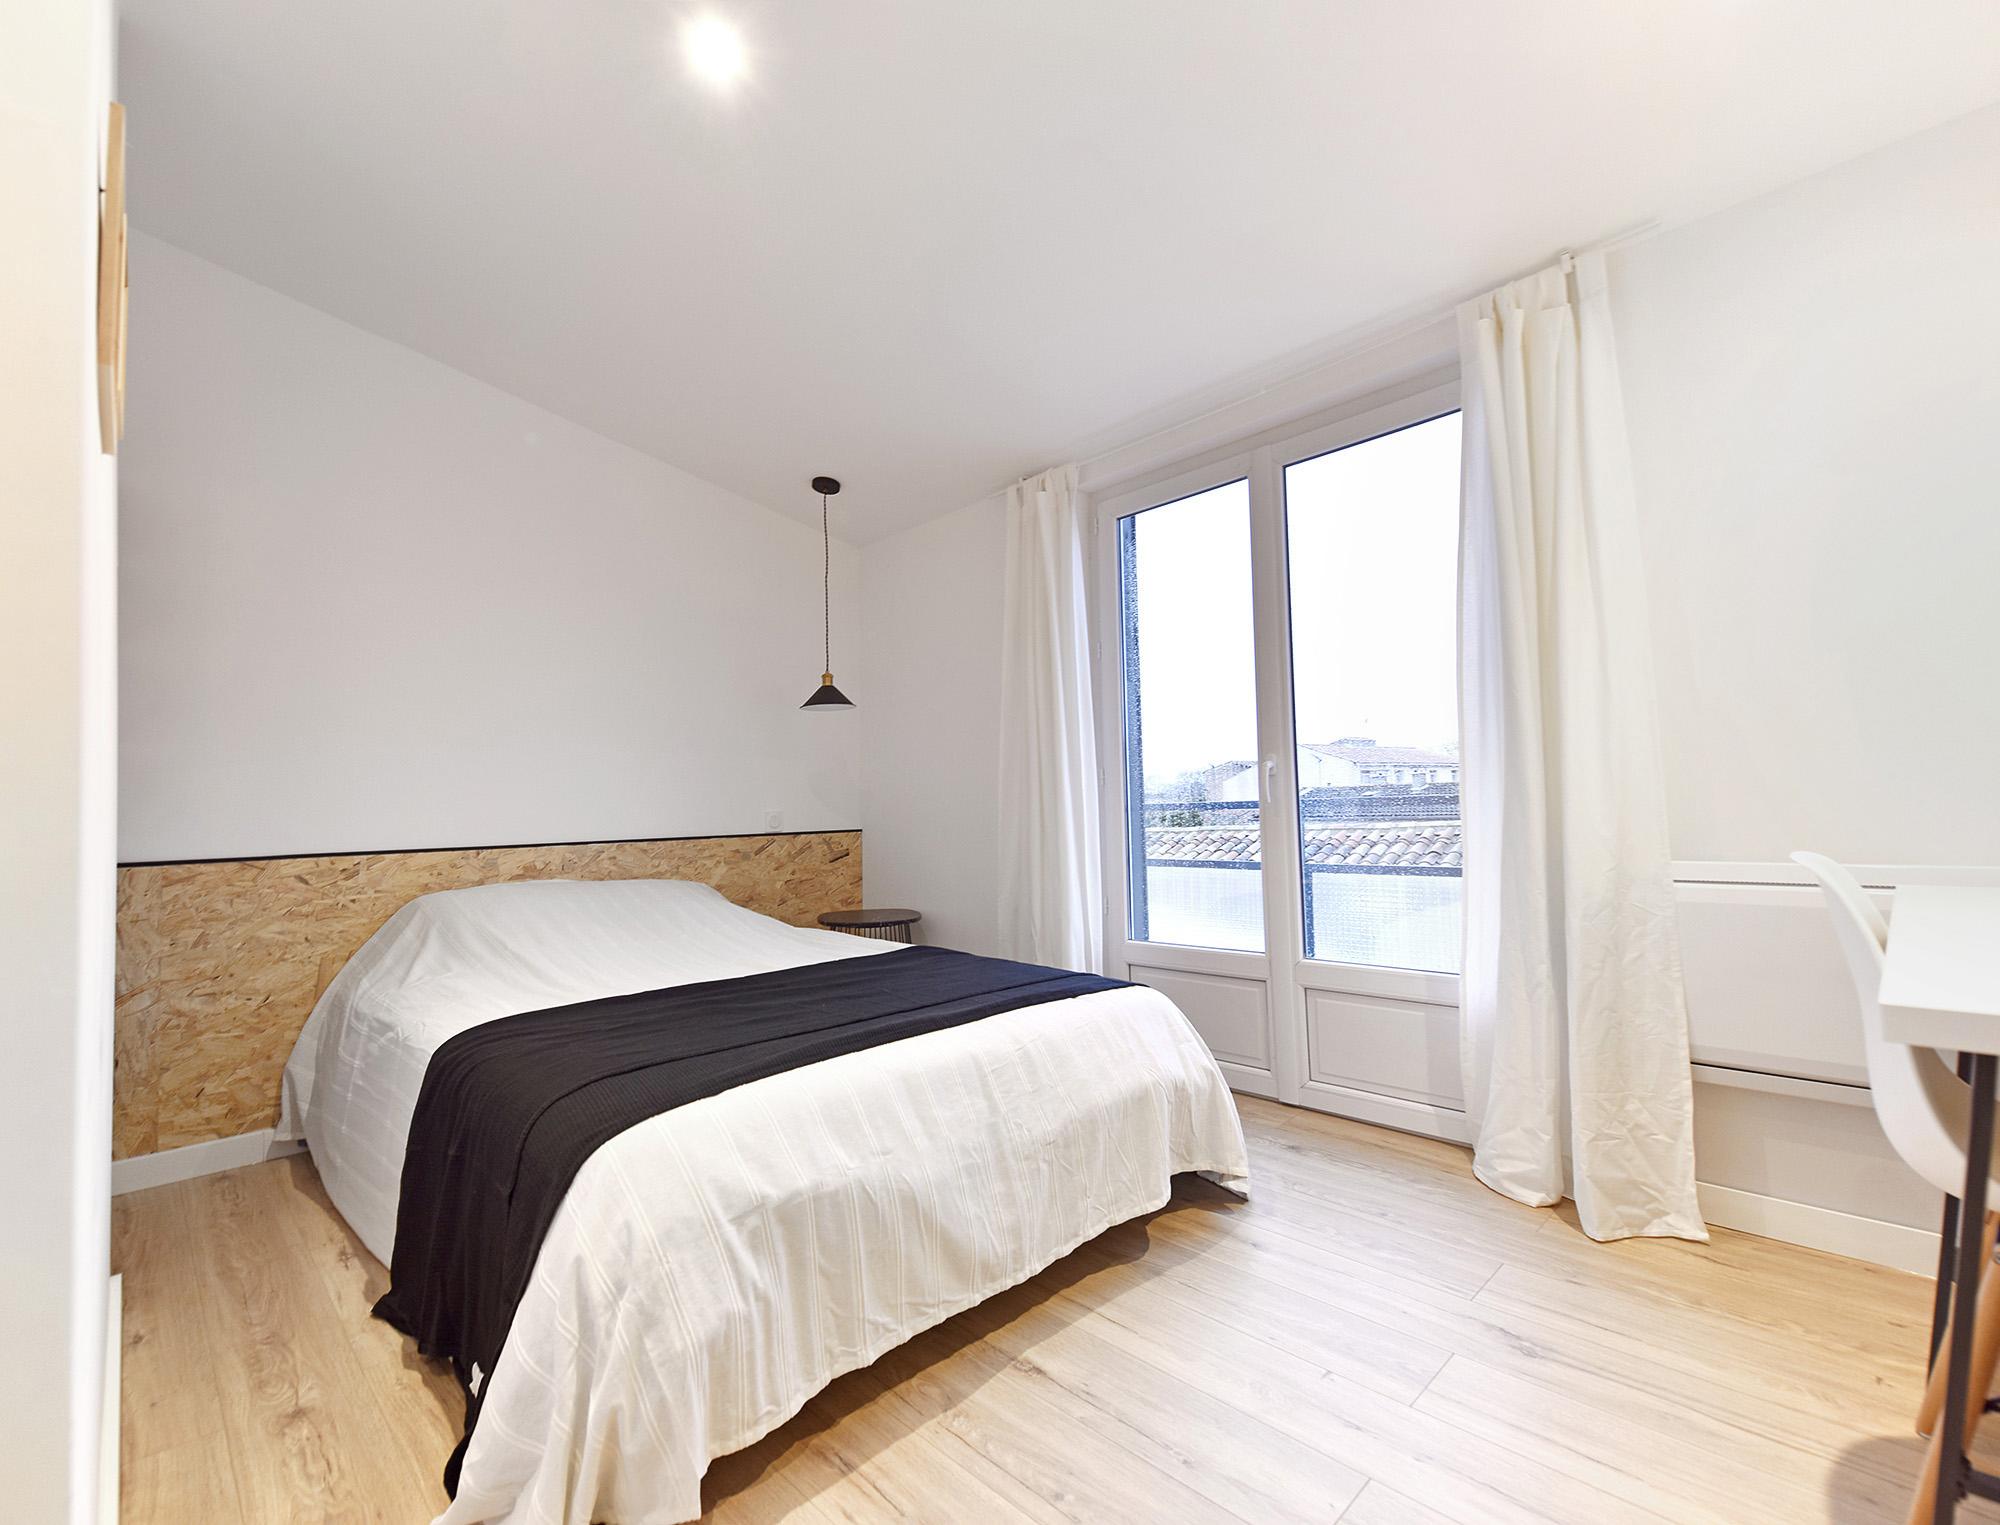 chambre apres amenagement interieur : tete de lit en osb